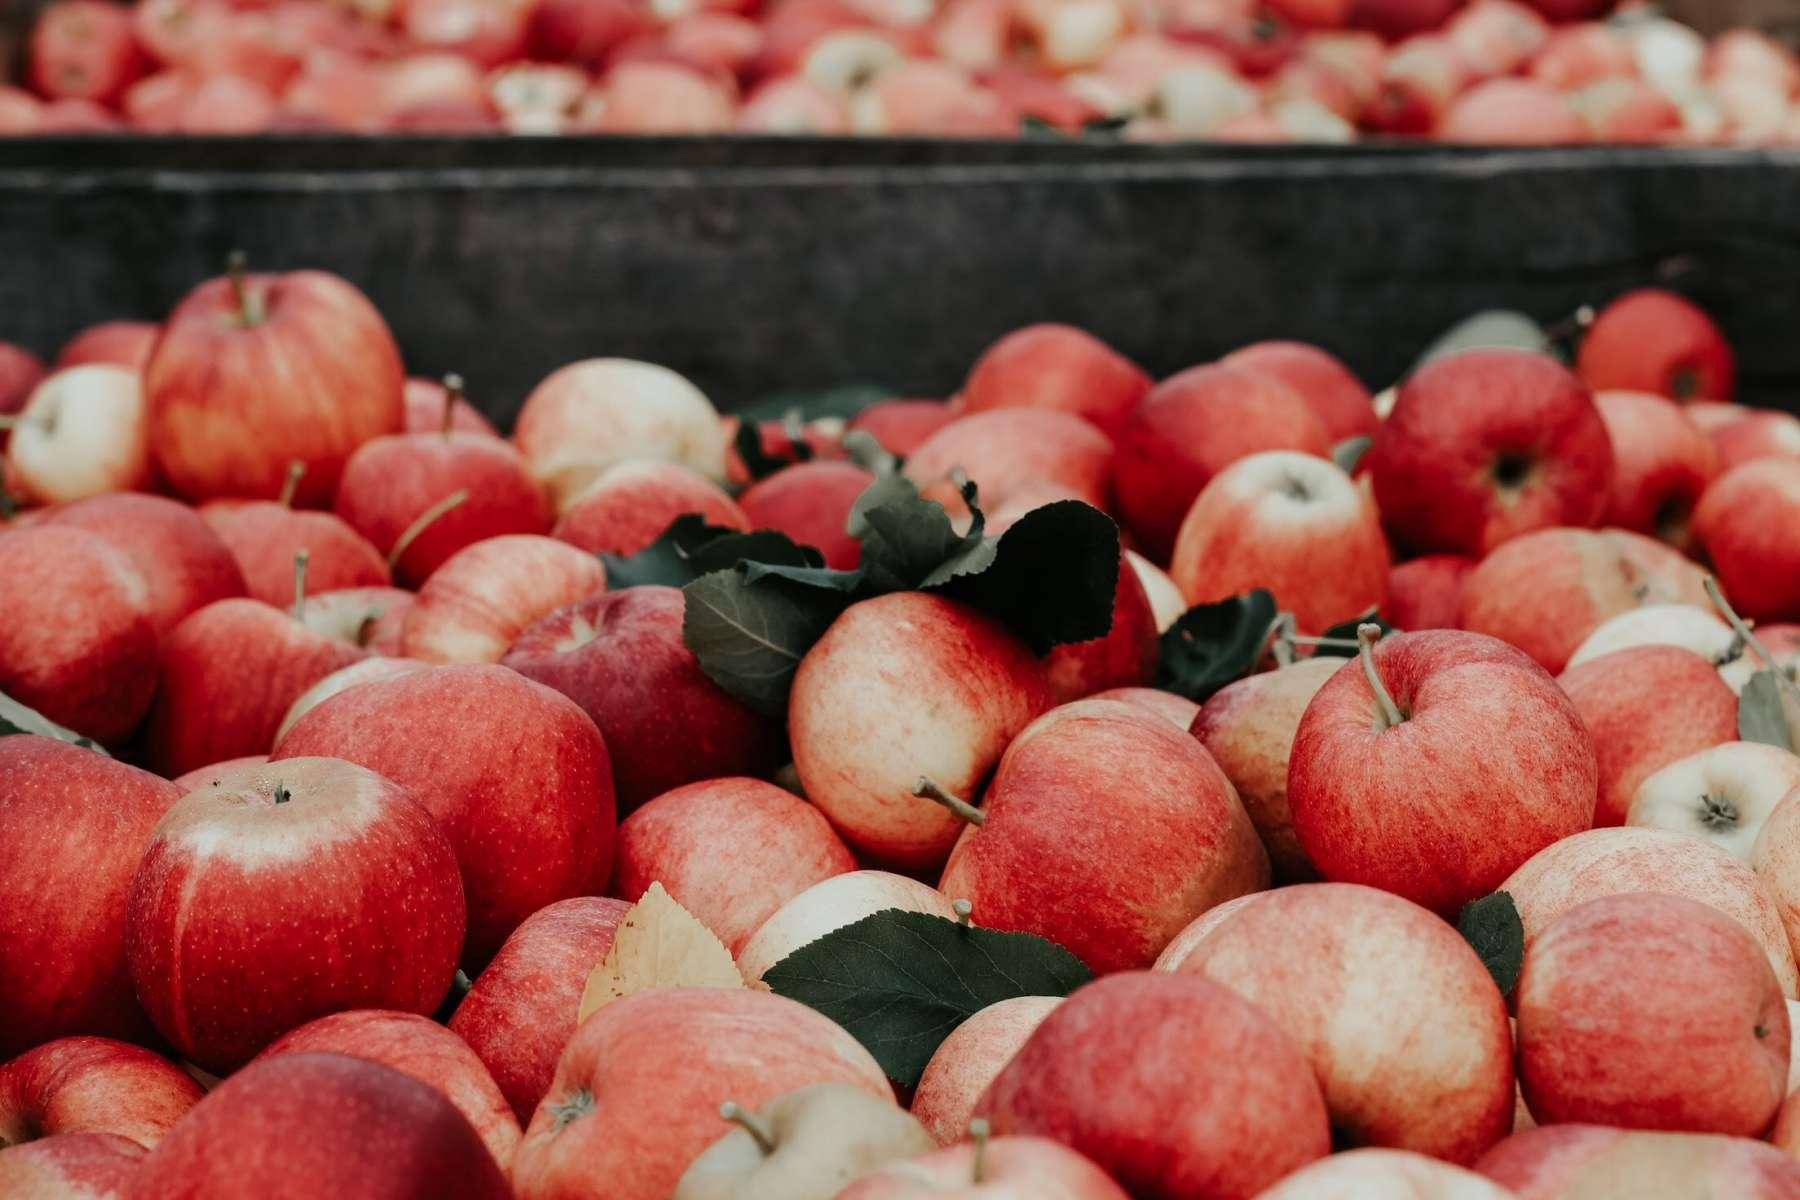 Vers un allongement du travail saisonnier dans la culture fruitière